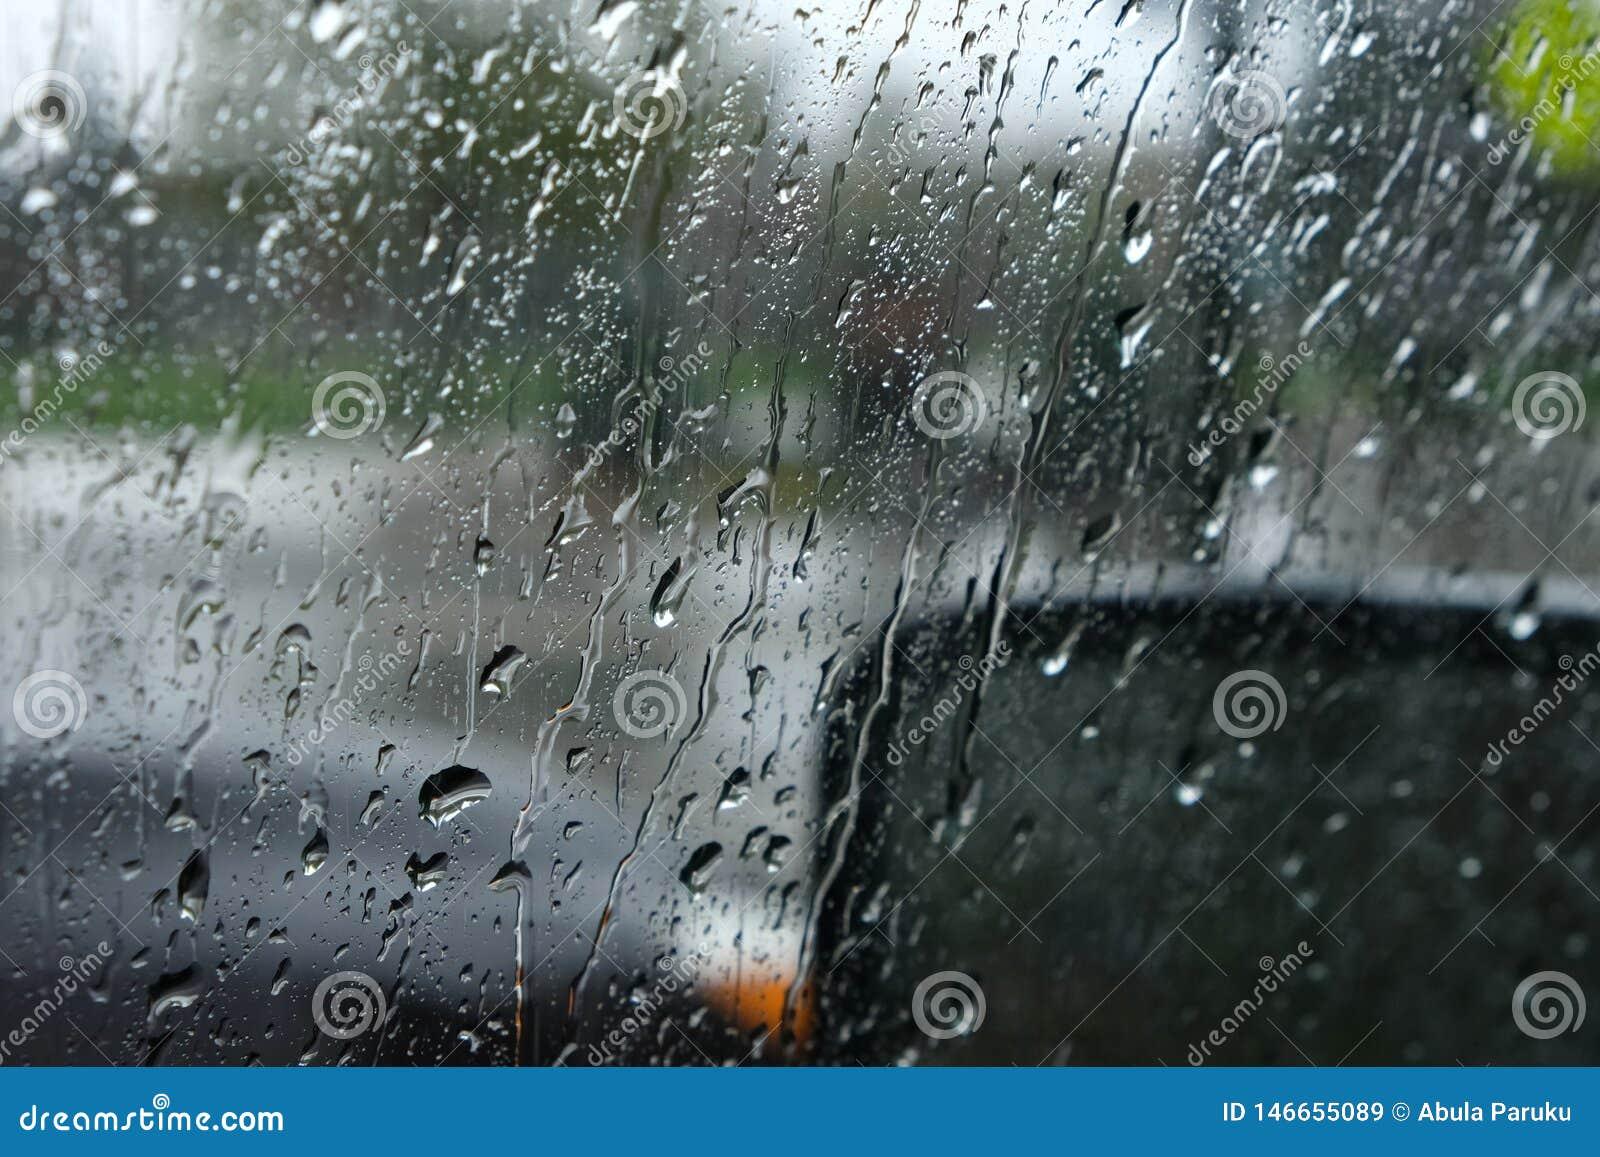 Regen auf Autofenster